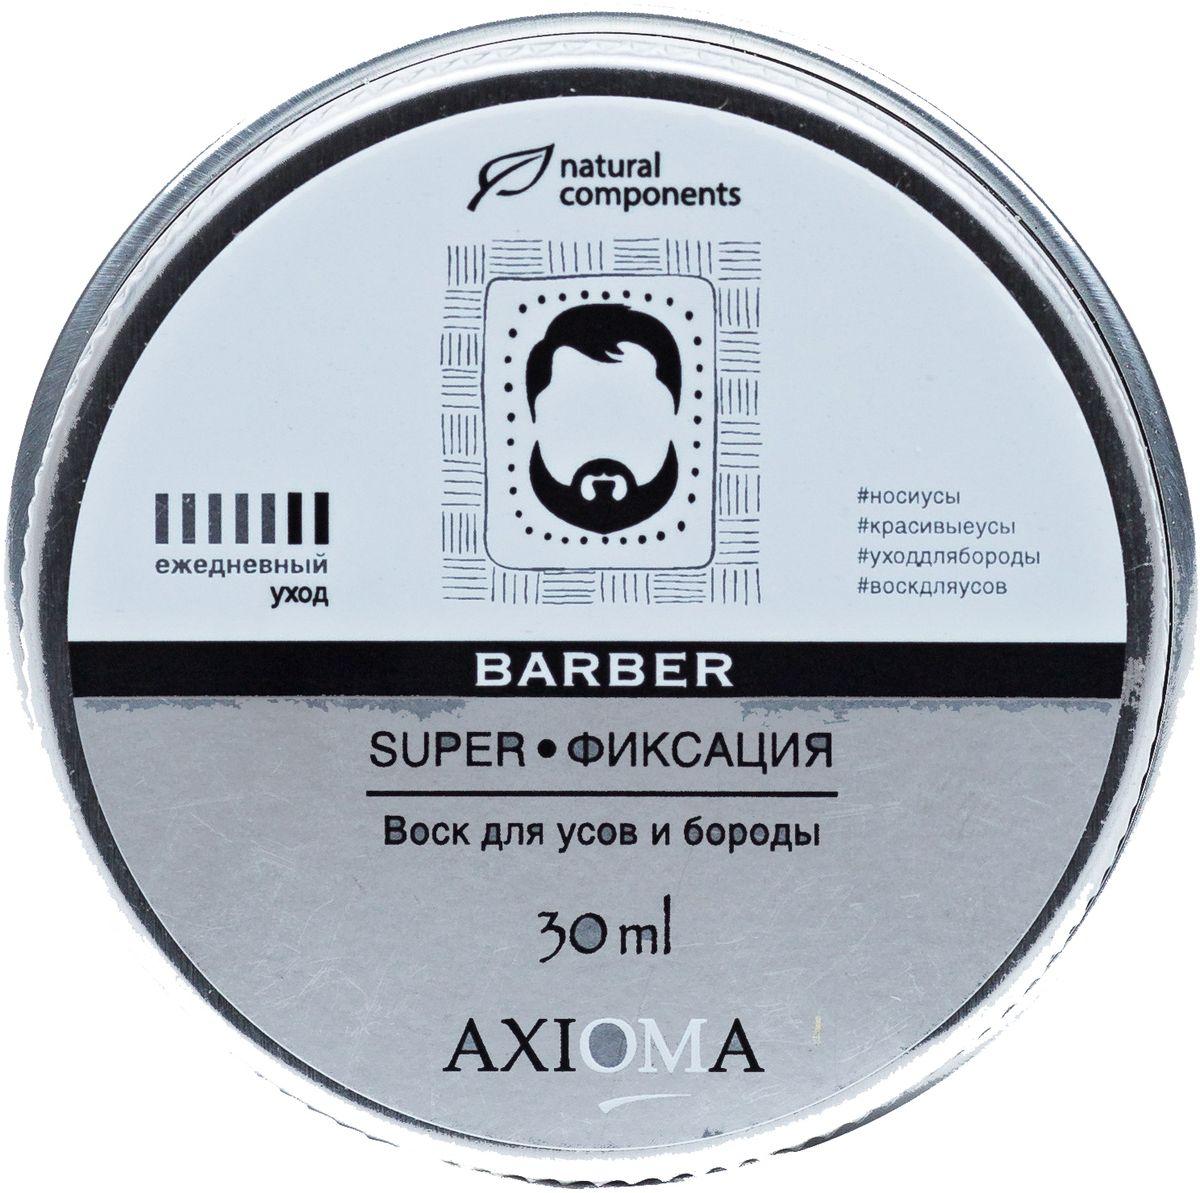 Axioma Воск для усов и бороды Super фиксация, 30 мл8037Позволяет сохранить форму и безупречный вид в любой ситуации, надолго.